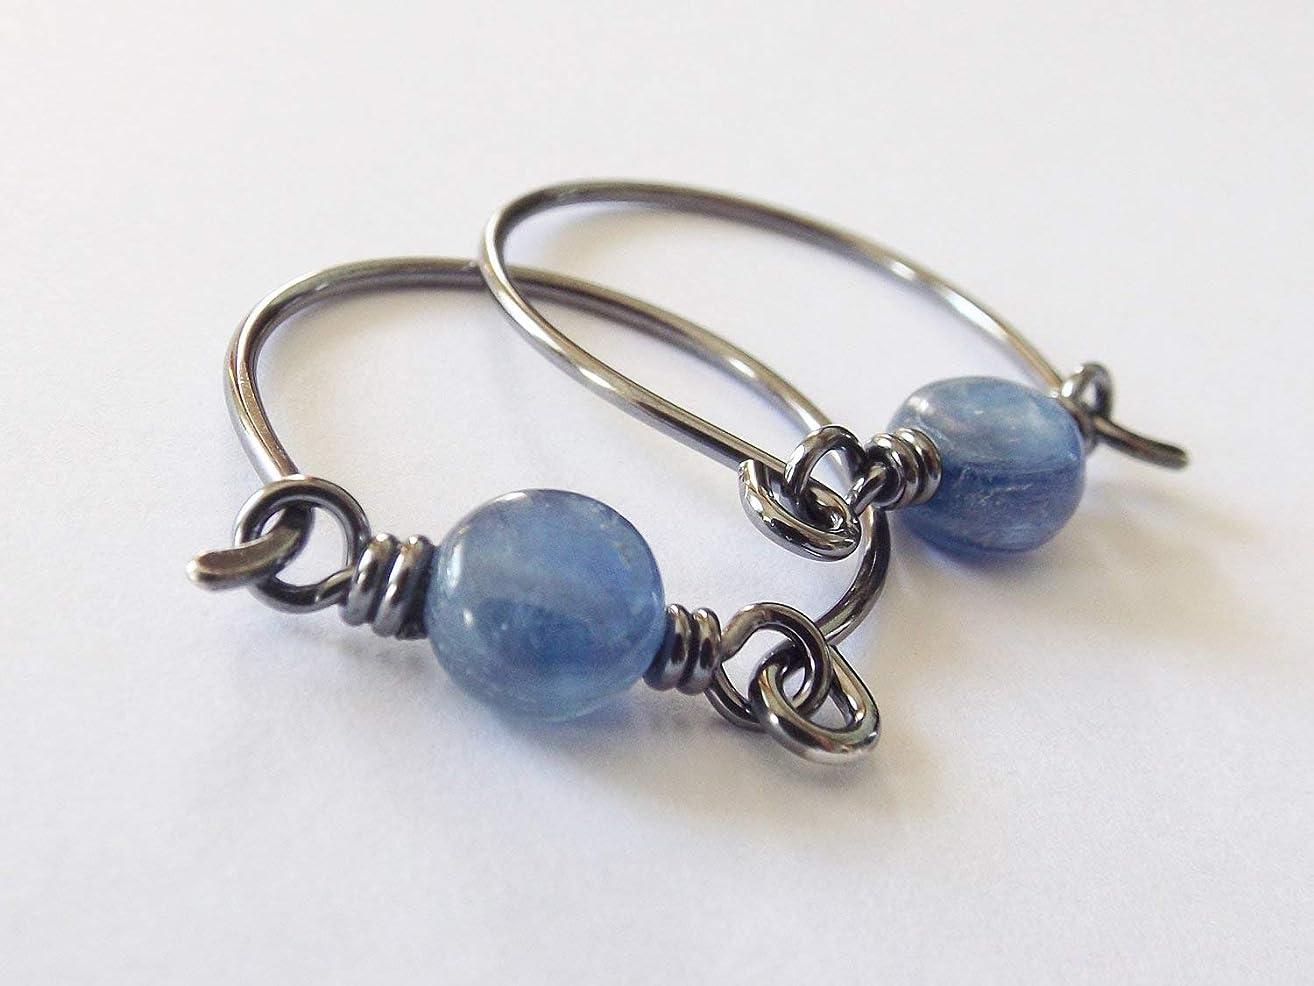 Kyanite Hoop Earrings, Oxidized Sterling Silver, Wide Hoop Earrings, Kyanite Jewelry, Unique Earrings, Kyanite, Modern Hoop Earrings